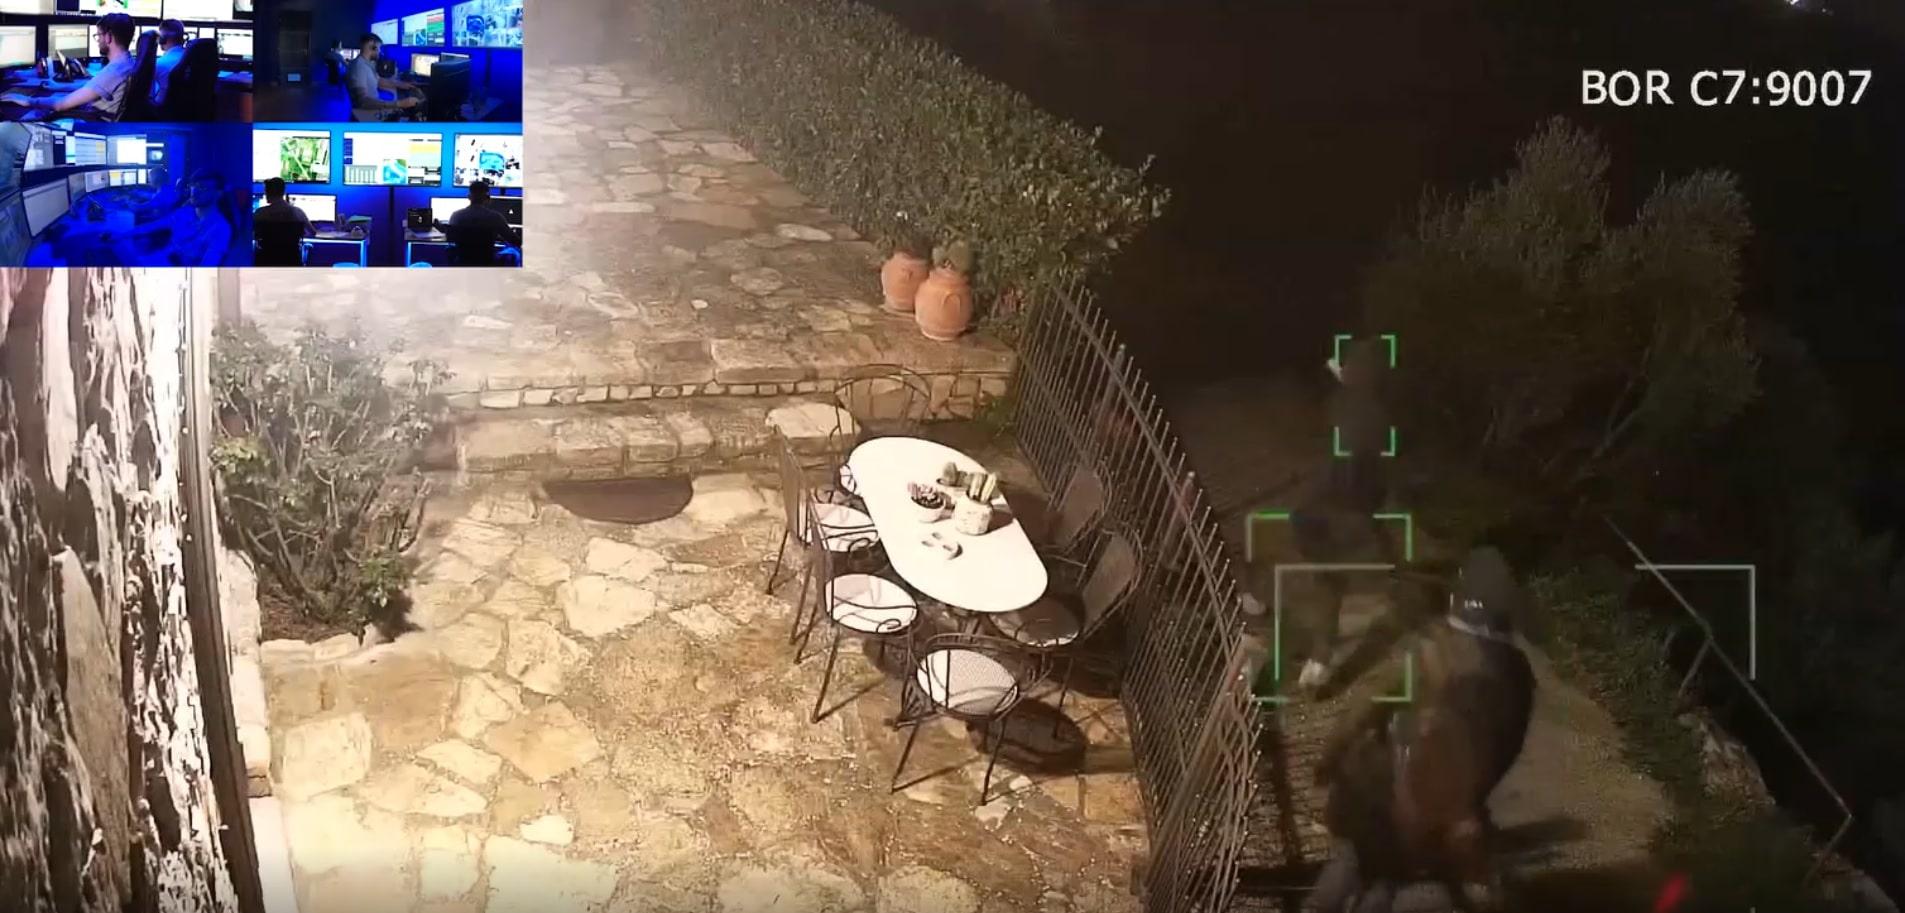 Bagno a Ripoli (FI) - Allontanati sospetti da un'abitazione privata grazie al Custode Virtuale BOR!